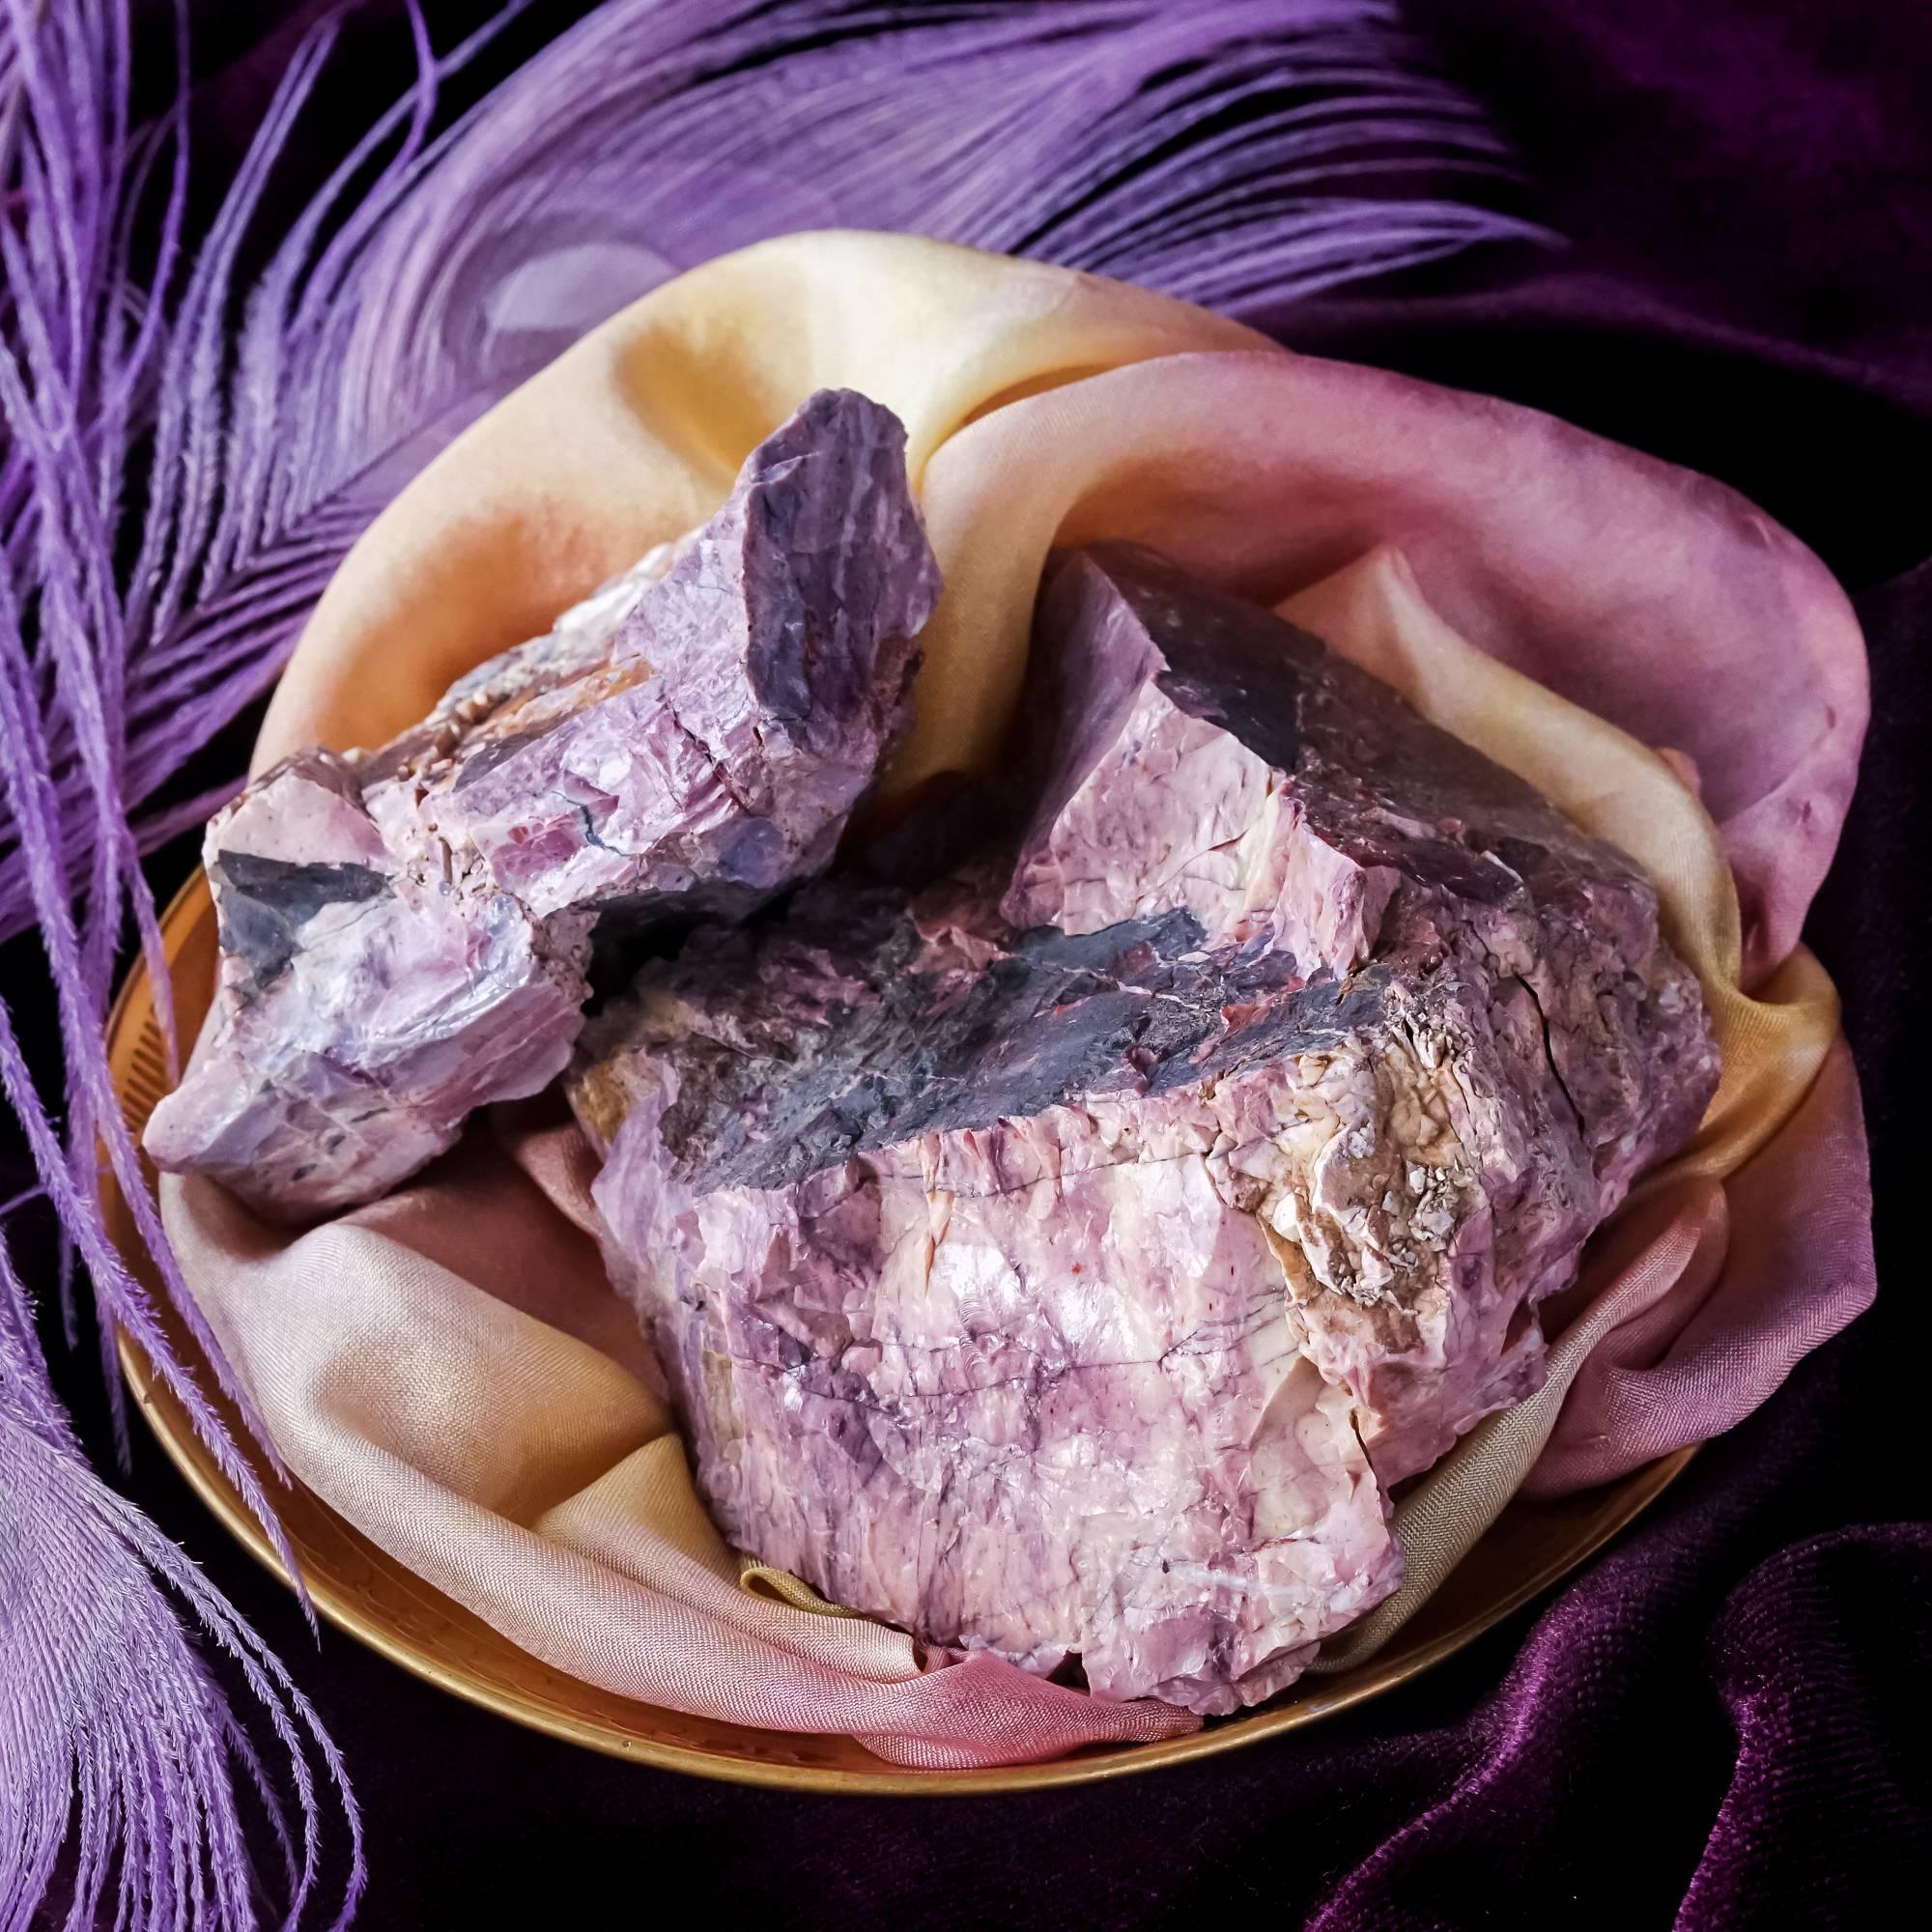 lavenderite stones